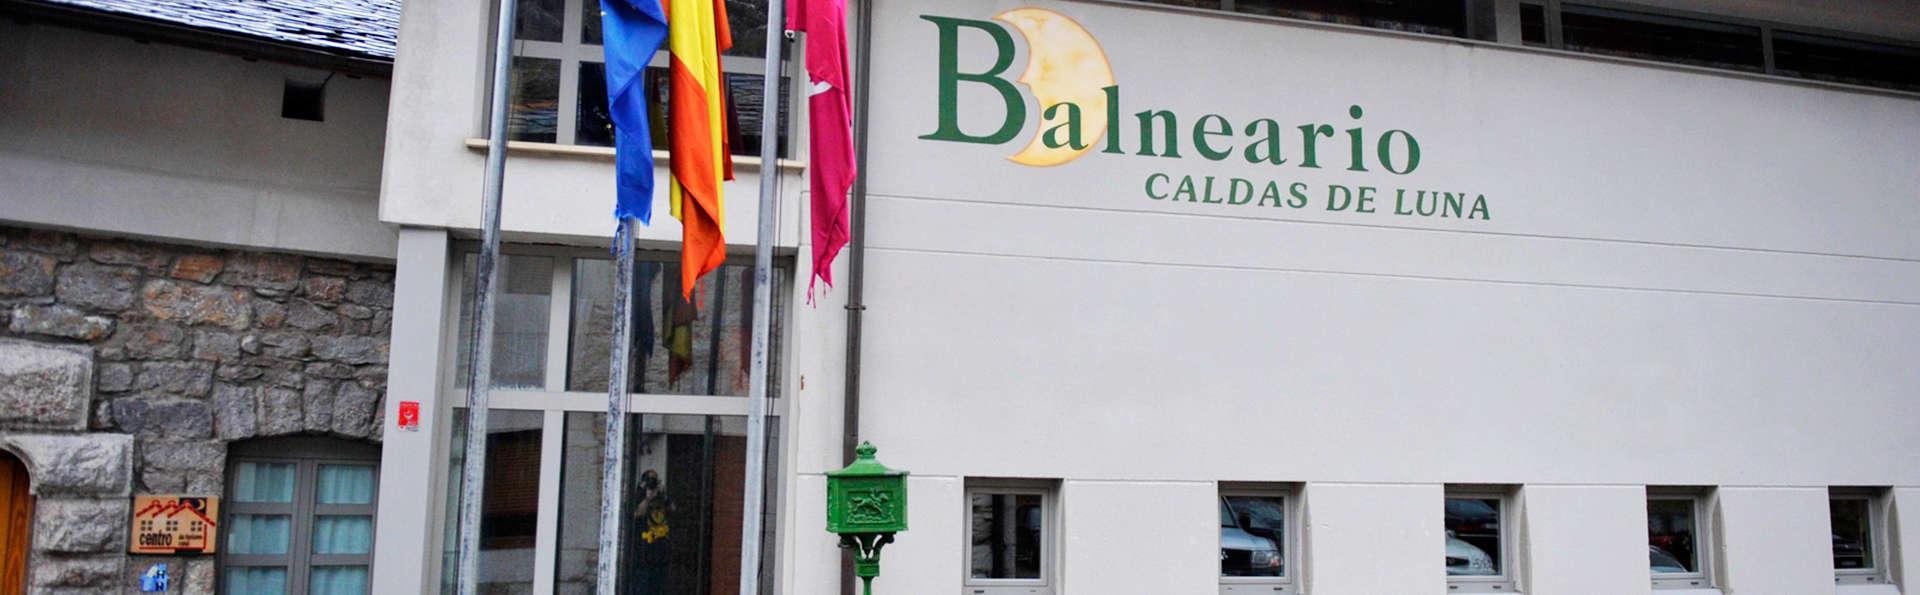 Balneario Caldas de Luna  - edit_facade.jpg